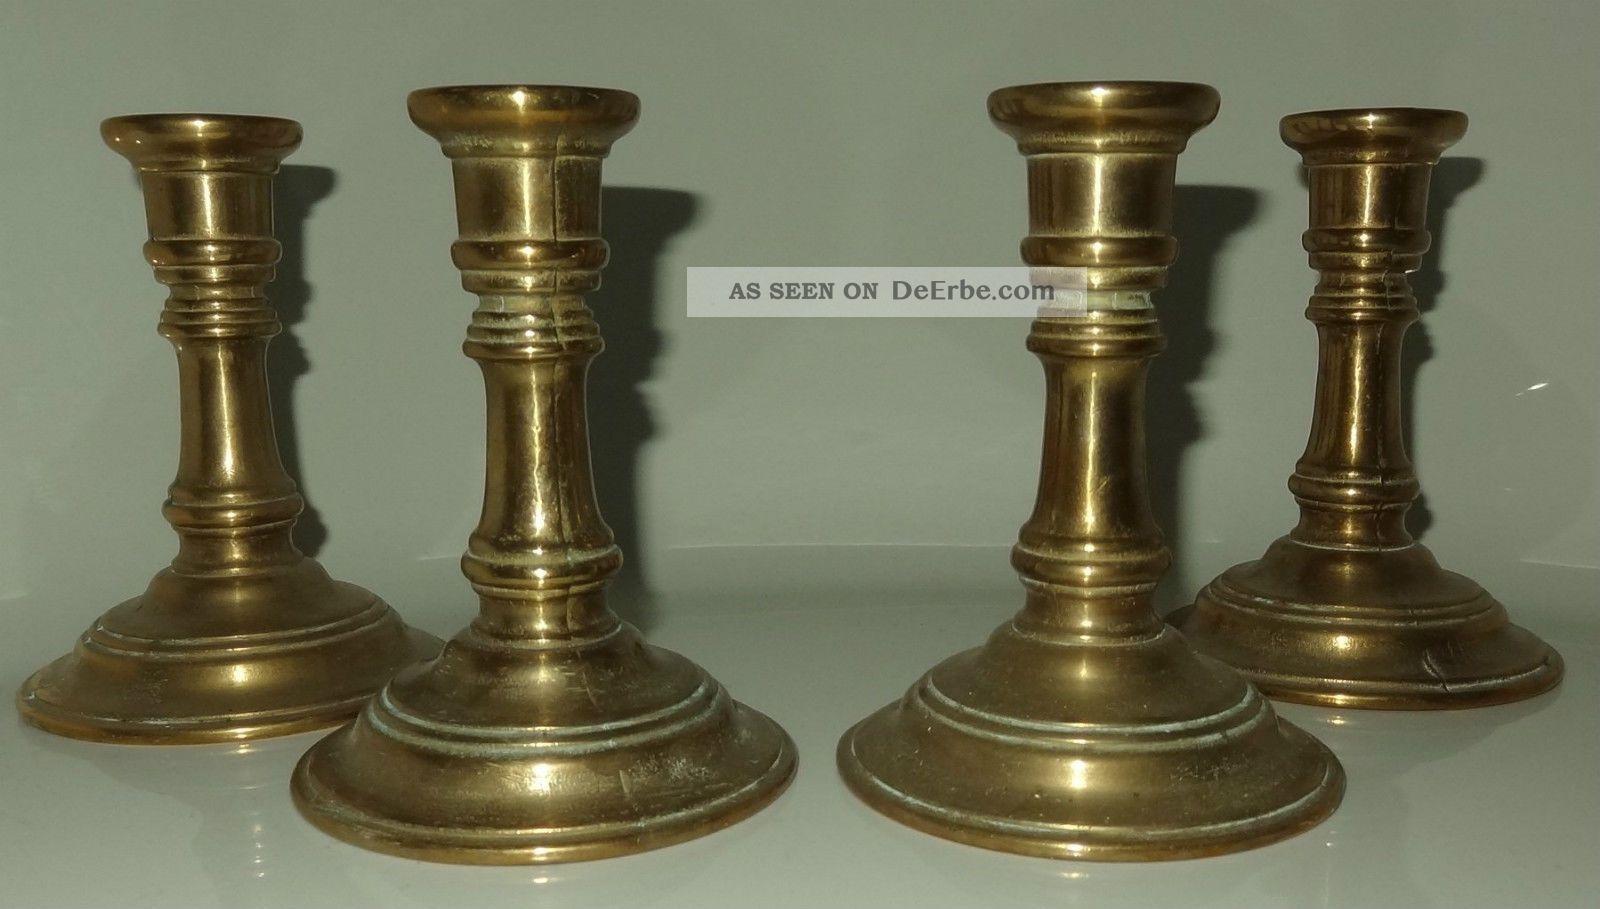 4 Kerzen - Ständer Gilde Handwerk Gold - Messing Bronze ? 70er Jahre Vintage Gefertigt nach 1945 Bild